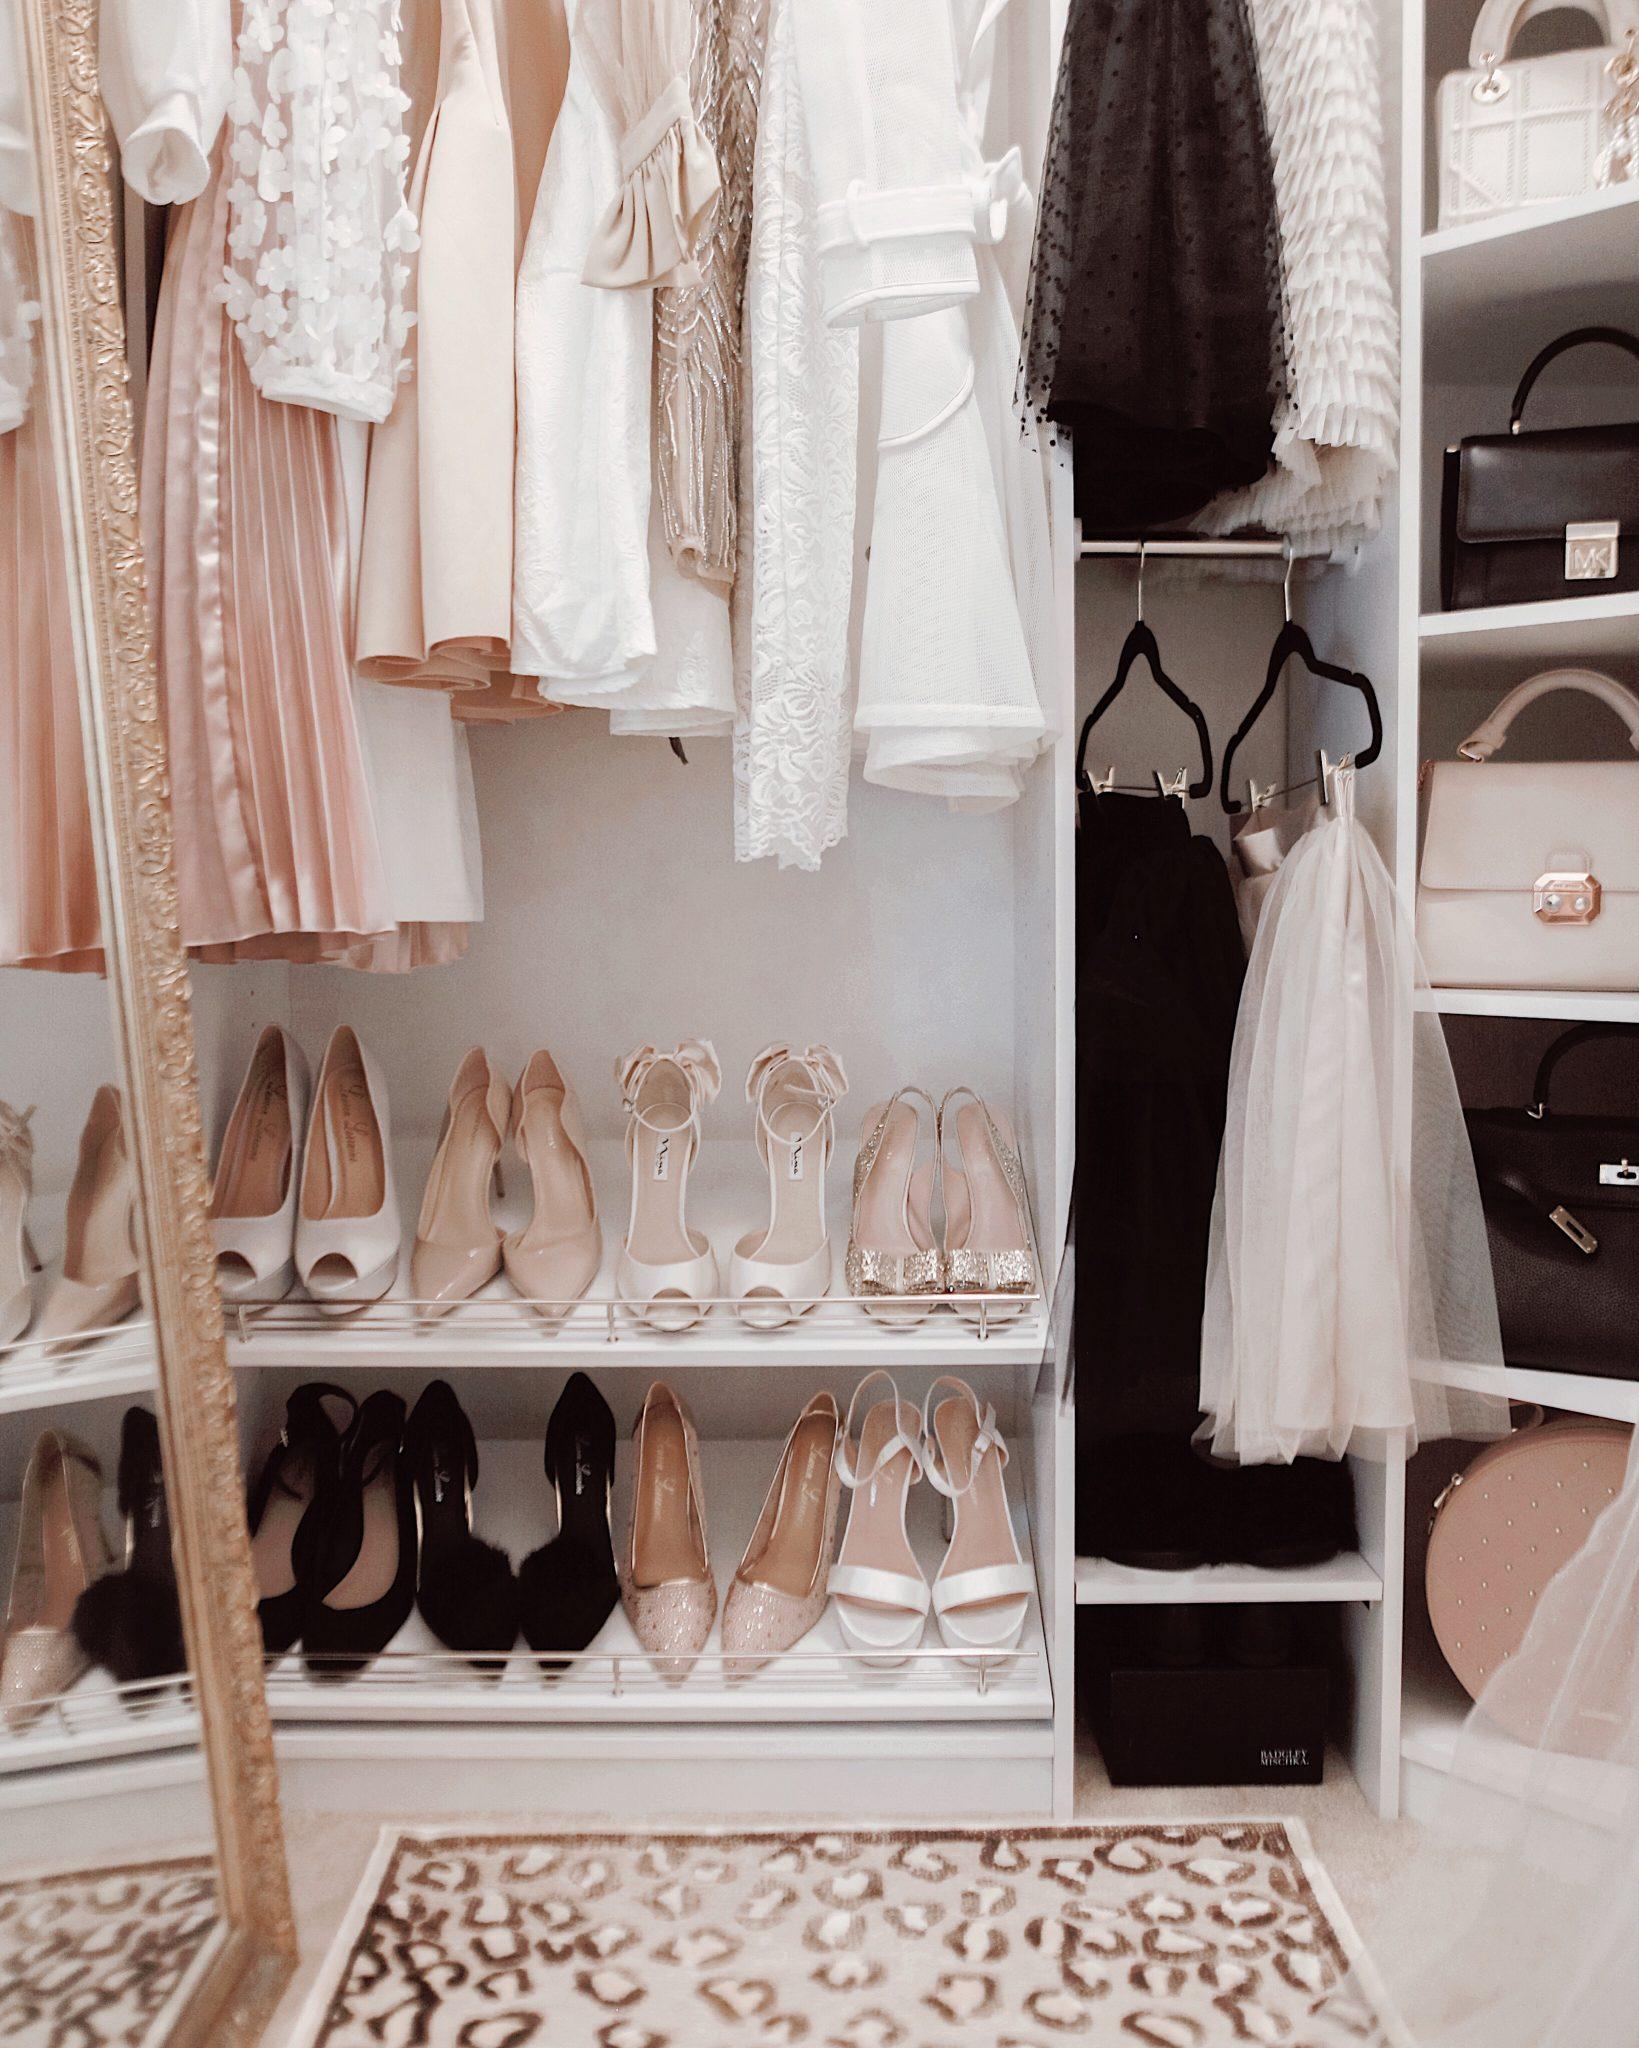 A Pretty Couture Closet Makeover